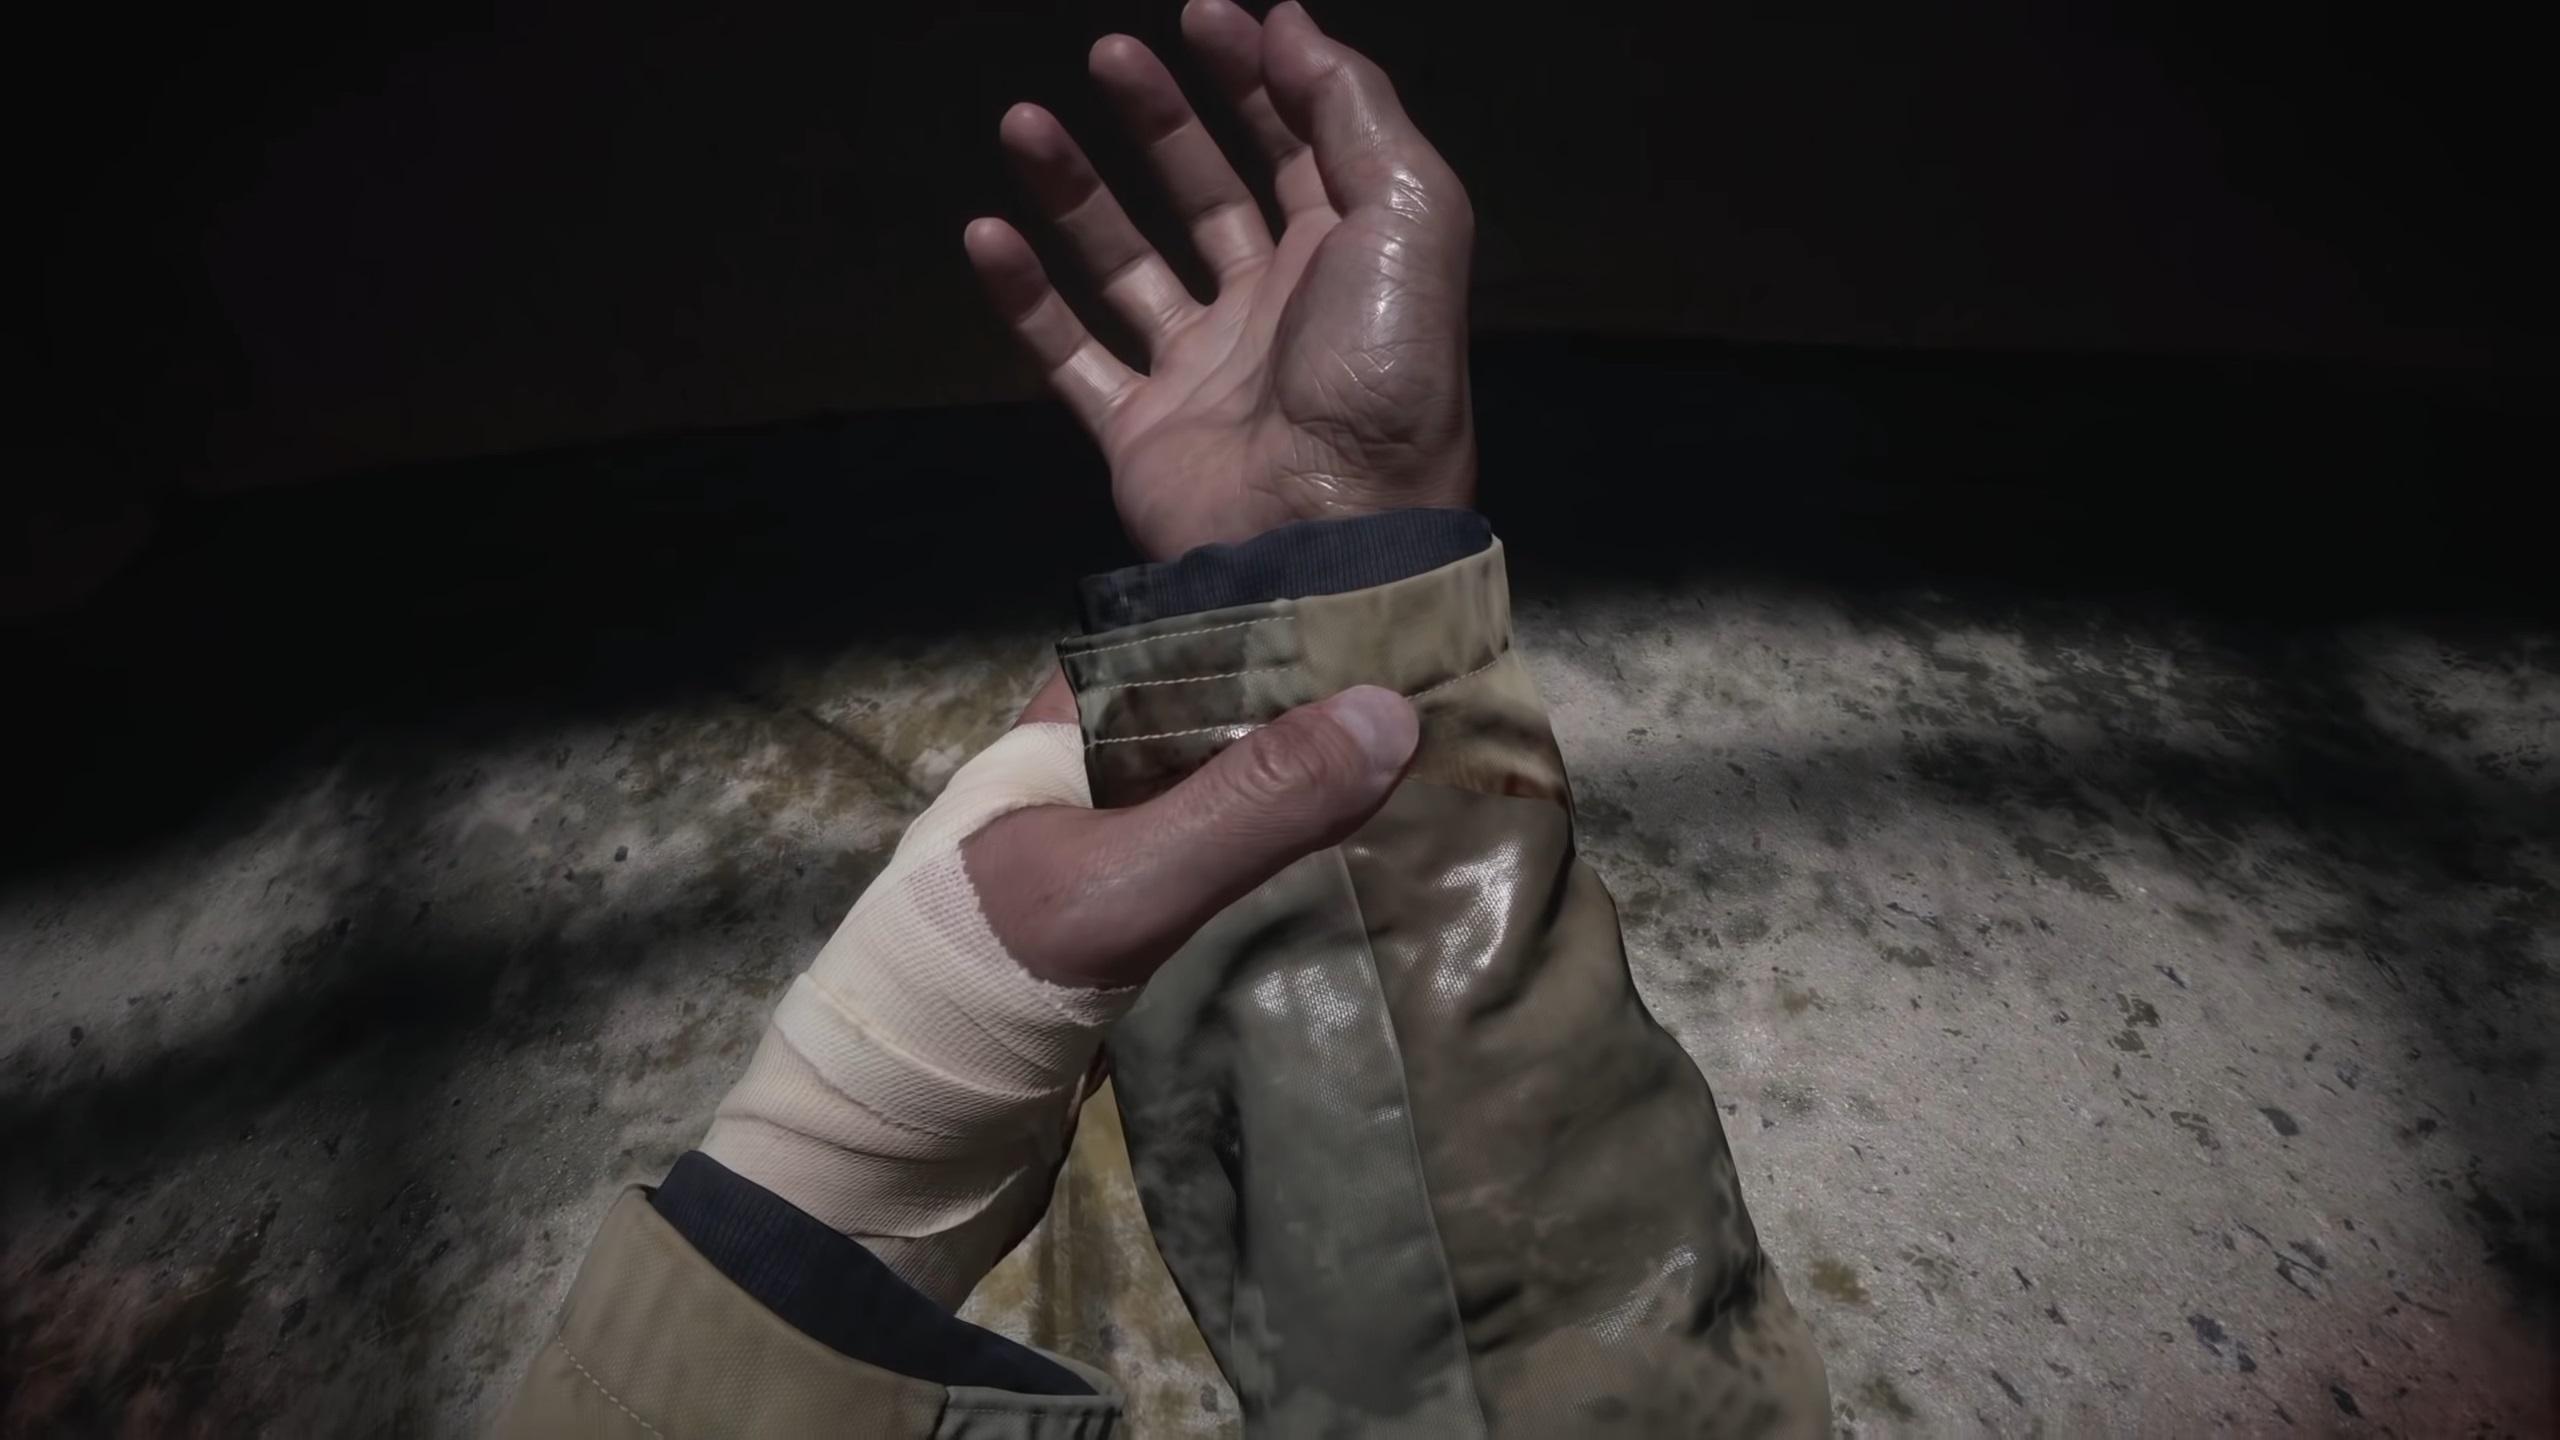 resident evil village hands